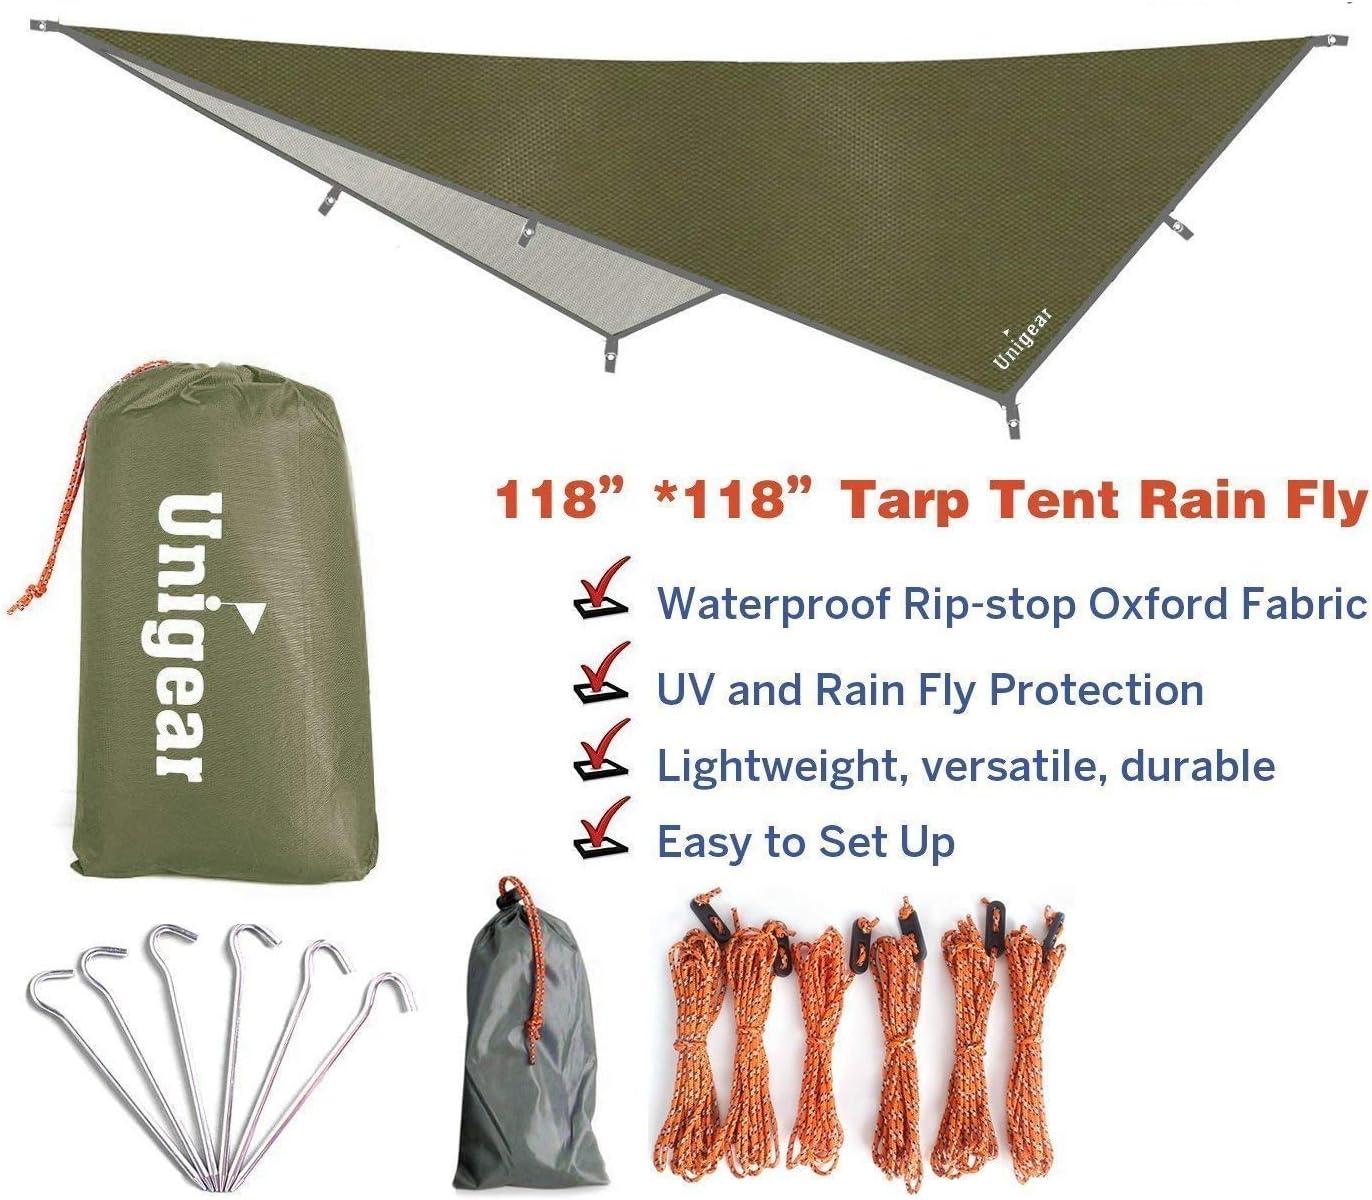 Tarp Rain Fly Toile de Tente Imperm/éable Abri de Randonn/ée Pliable L/éger Imperm/éable /à leau pour Le Camping et la Protection Contre la Pluie Unigear B/âche Anti-Pluie la Neige et Le Soleil